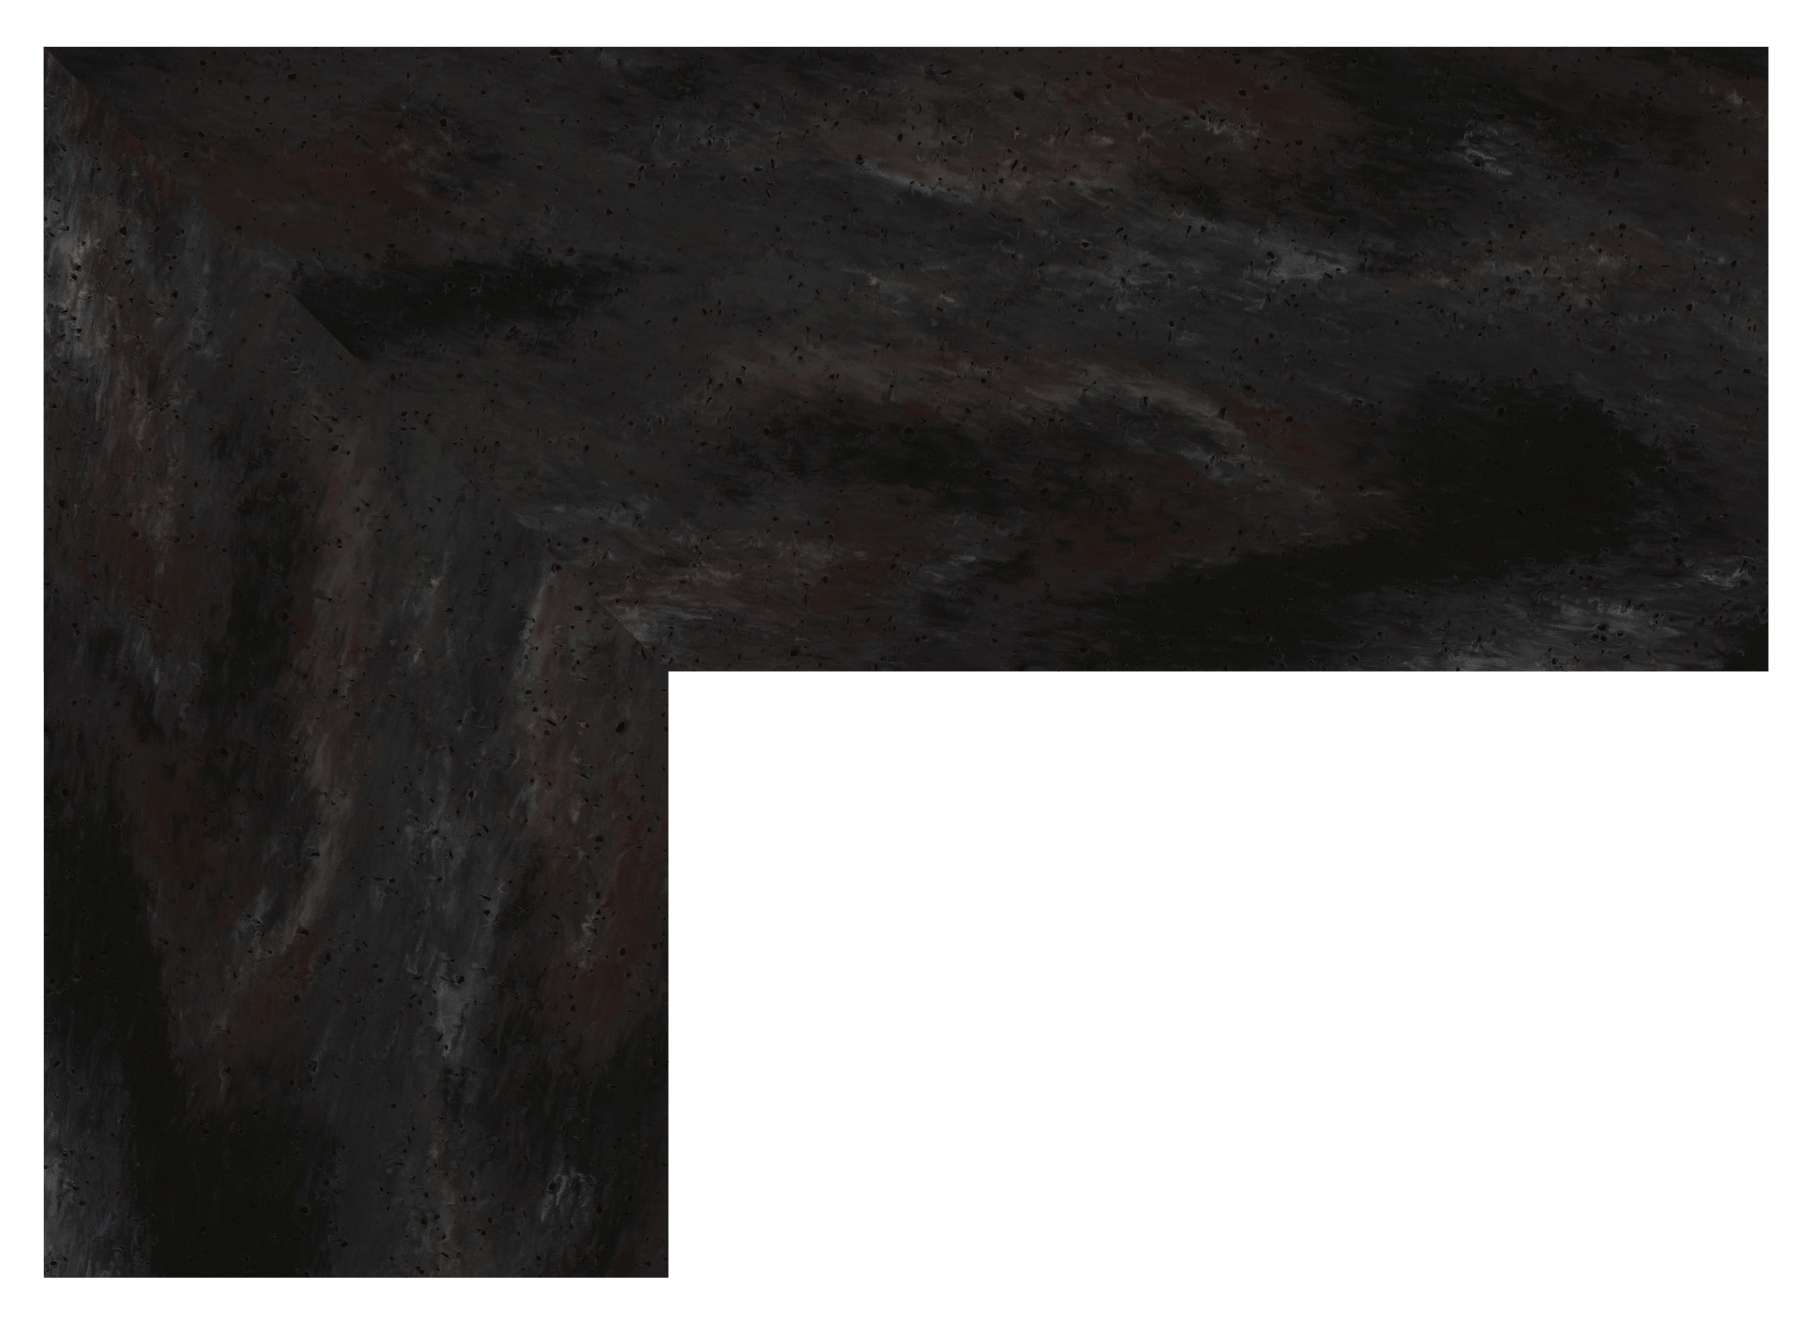 GCV 142